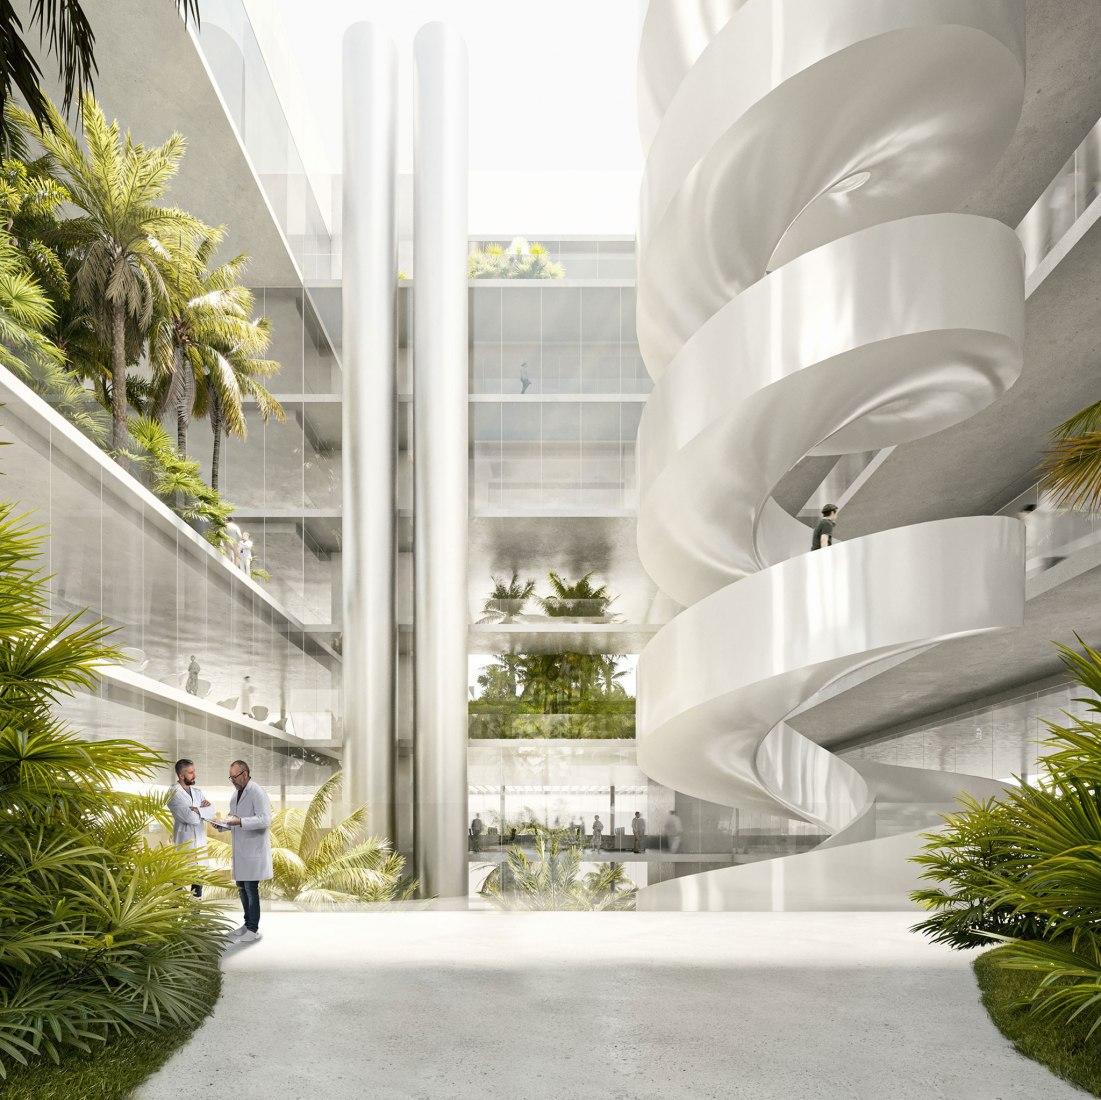 Nuevo edificio del Instituto de Ciencia y Tecnología de Barcelona por Barozzi Veiga. Imagen cortesía de Barozzi Veiga.